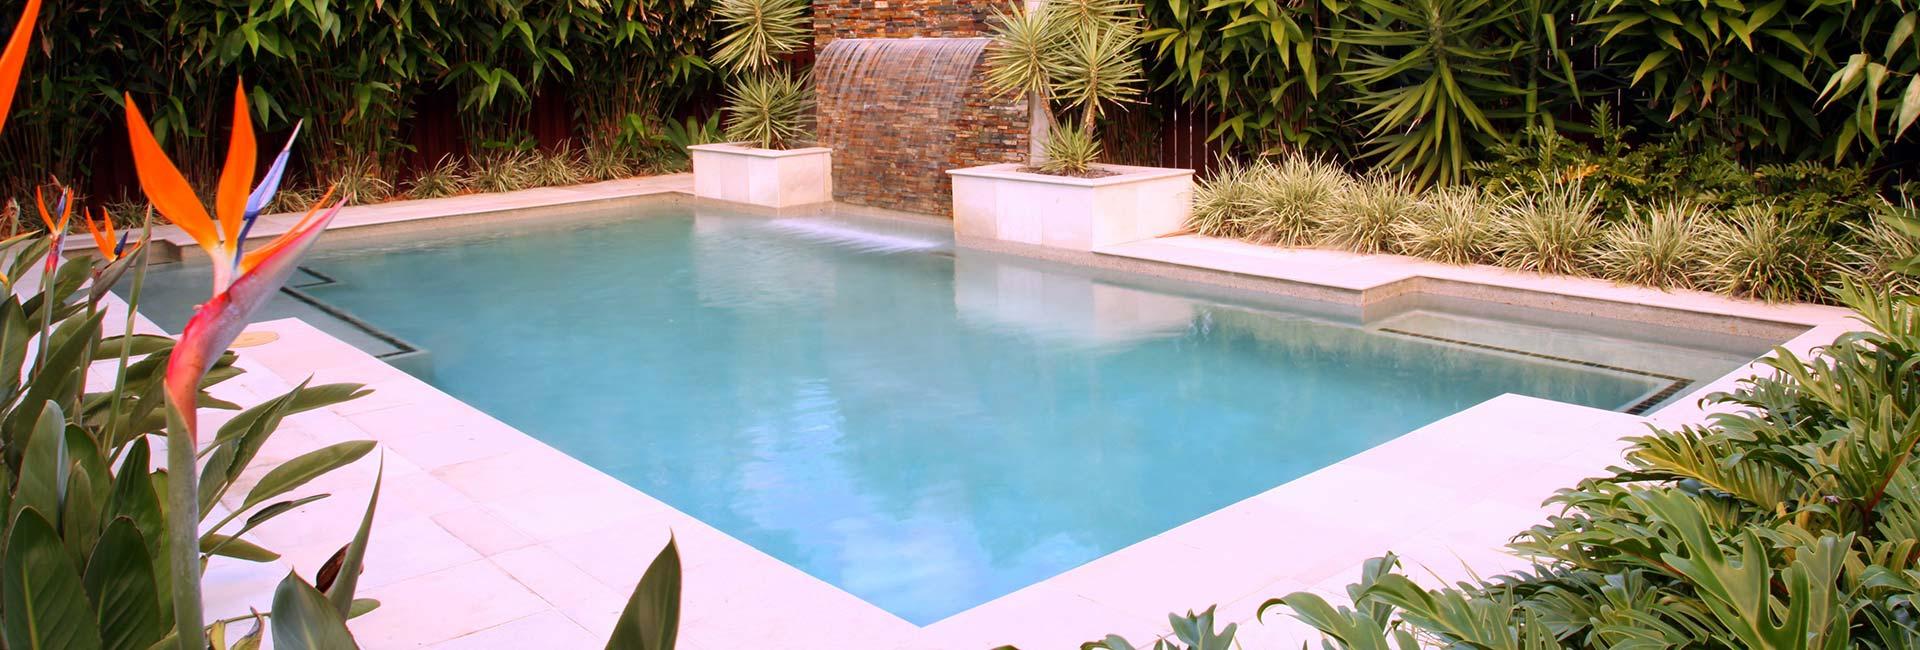 porpoise pools brisbane pool builders